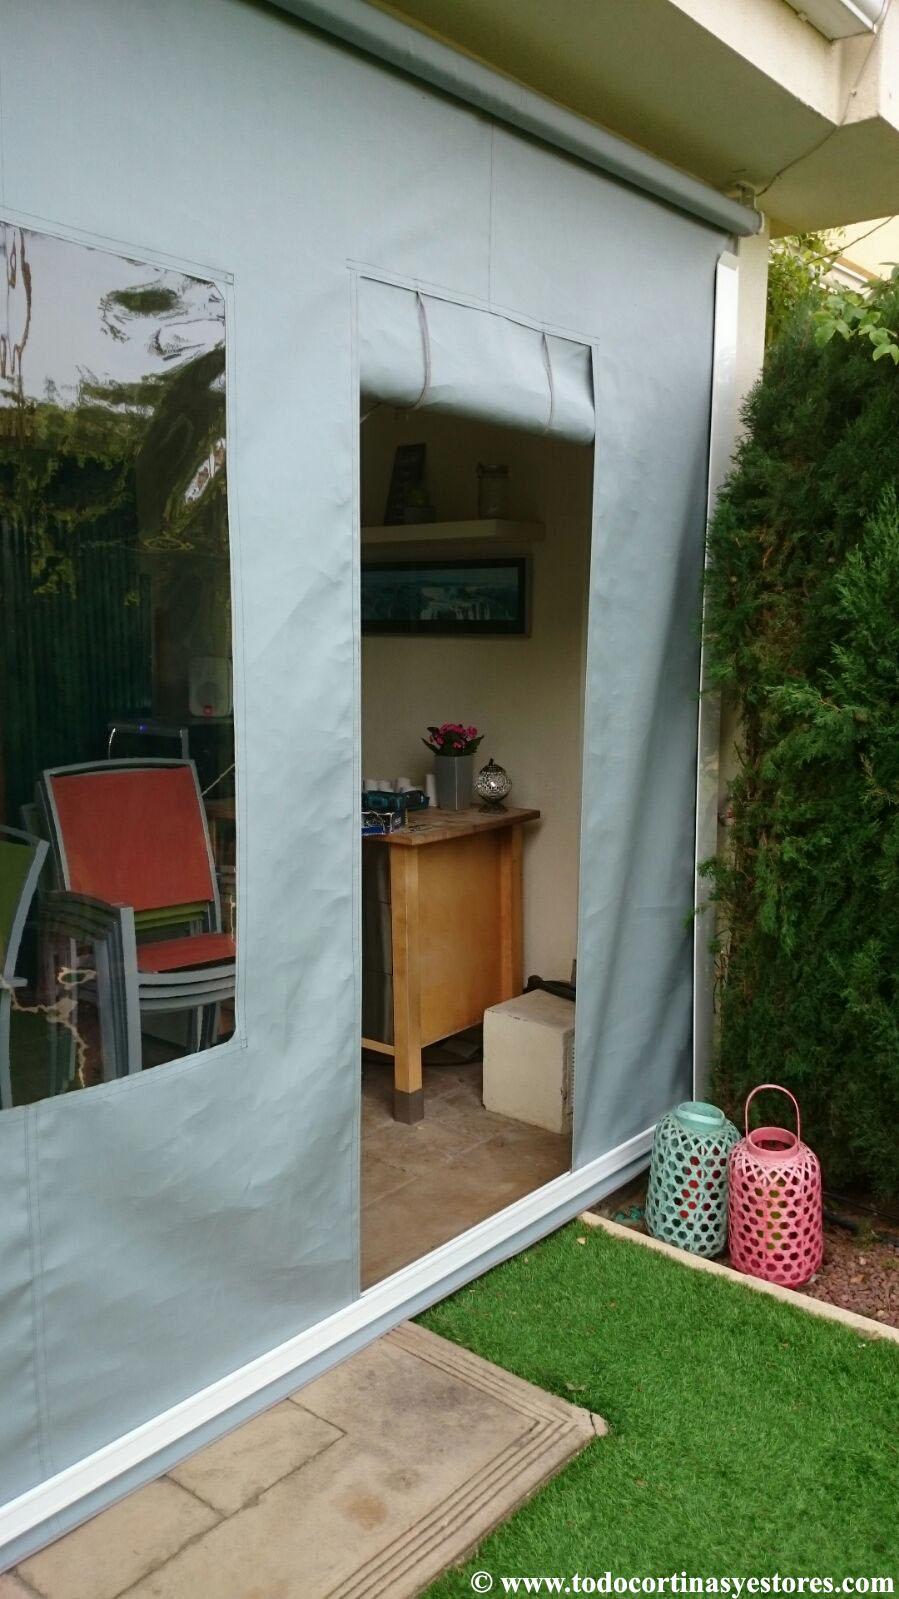 Decoracion interior cortinas verticales estores for Persianas para terrazas